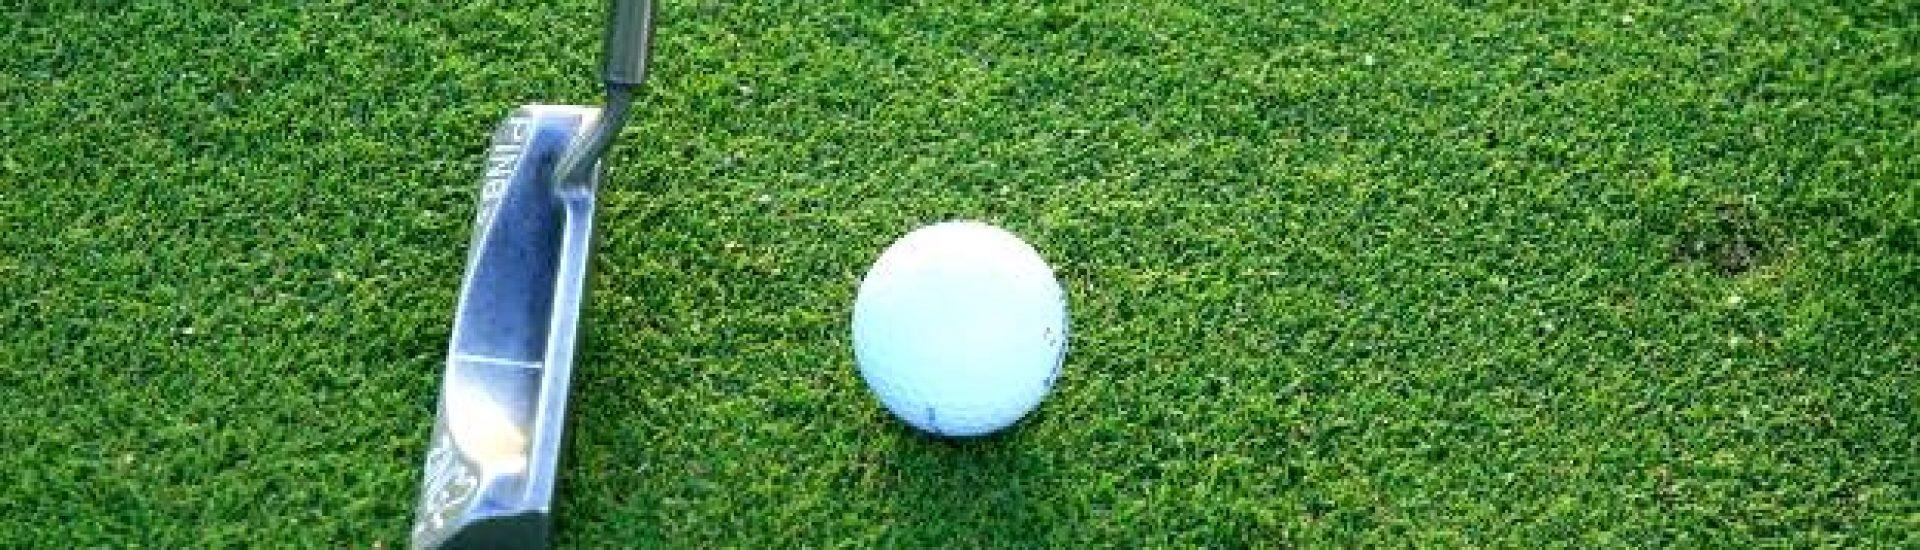 Book now for Gardner golf course